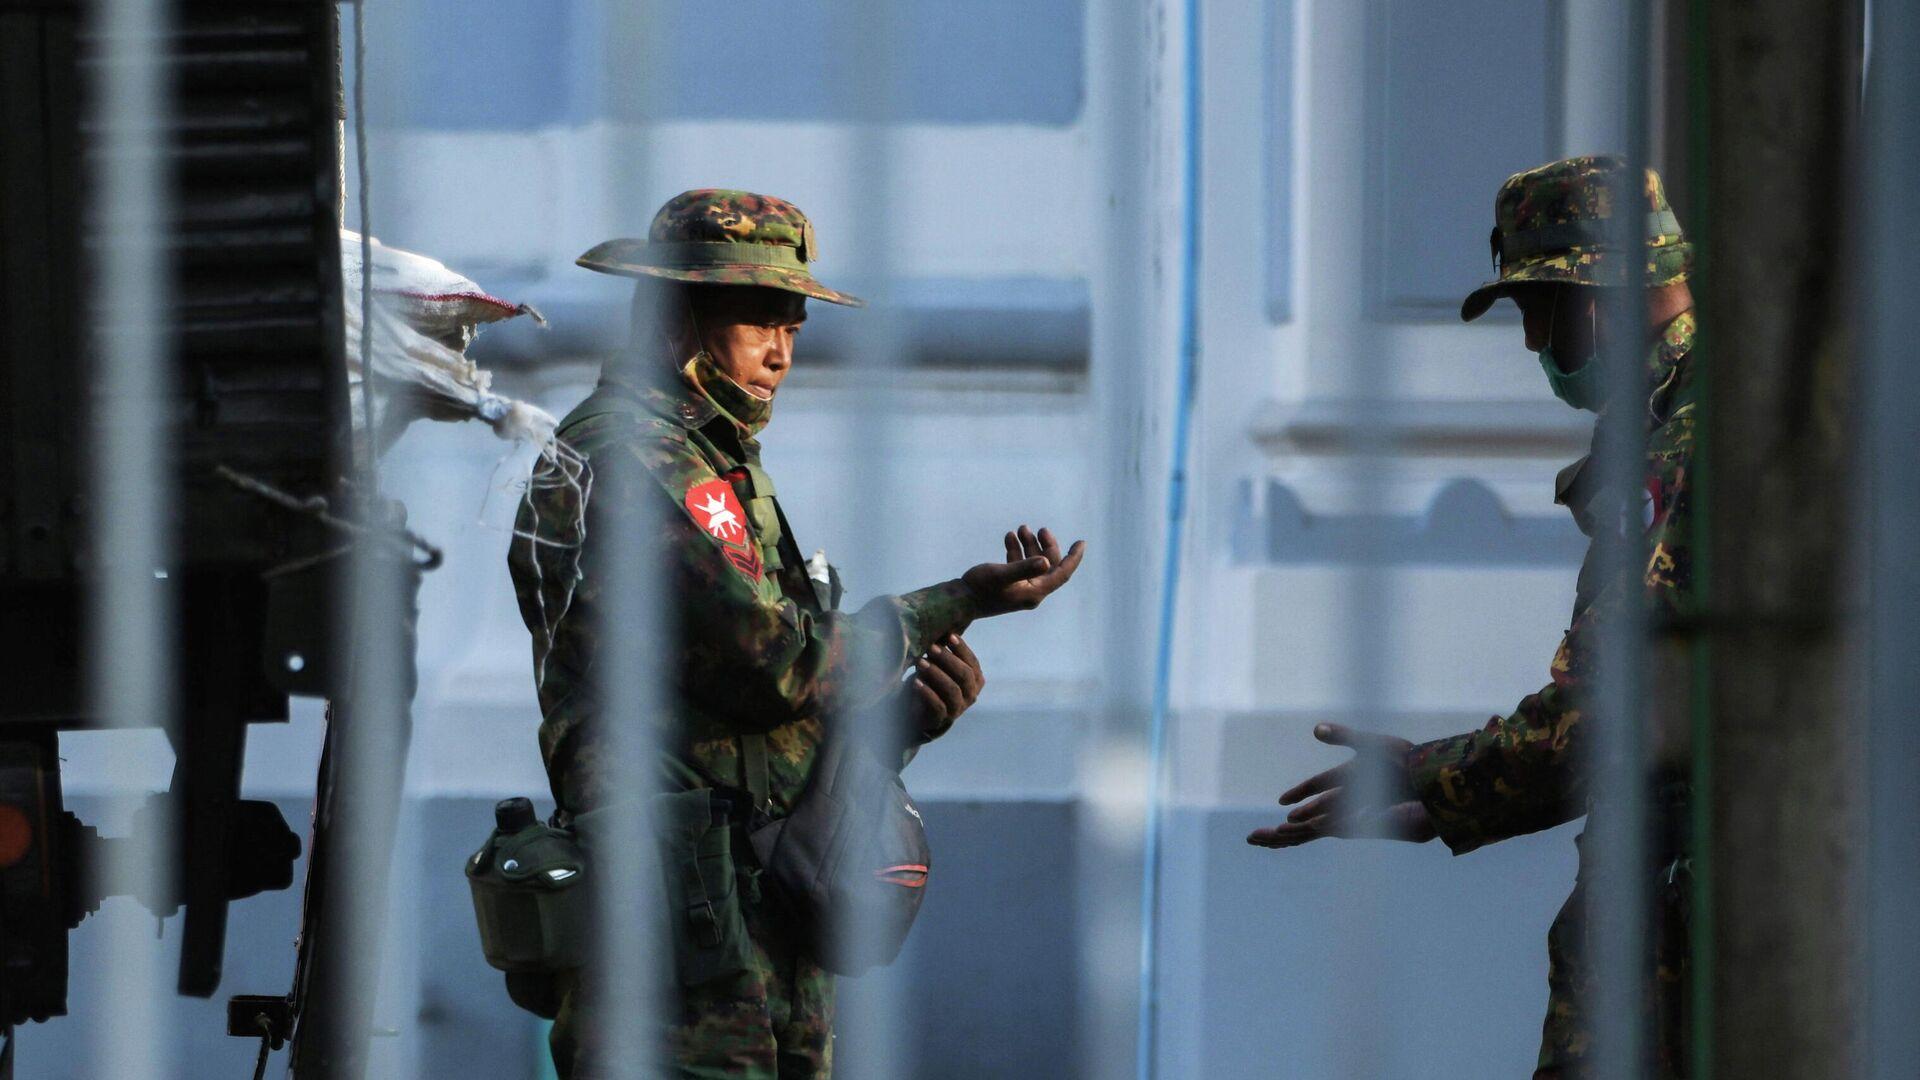 Военные возле мэрии города Янгона, Мьянма - РИА Новости, 1920, 02.02.2021